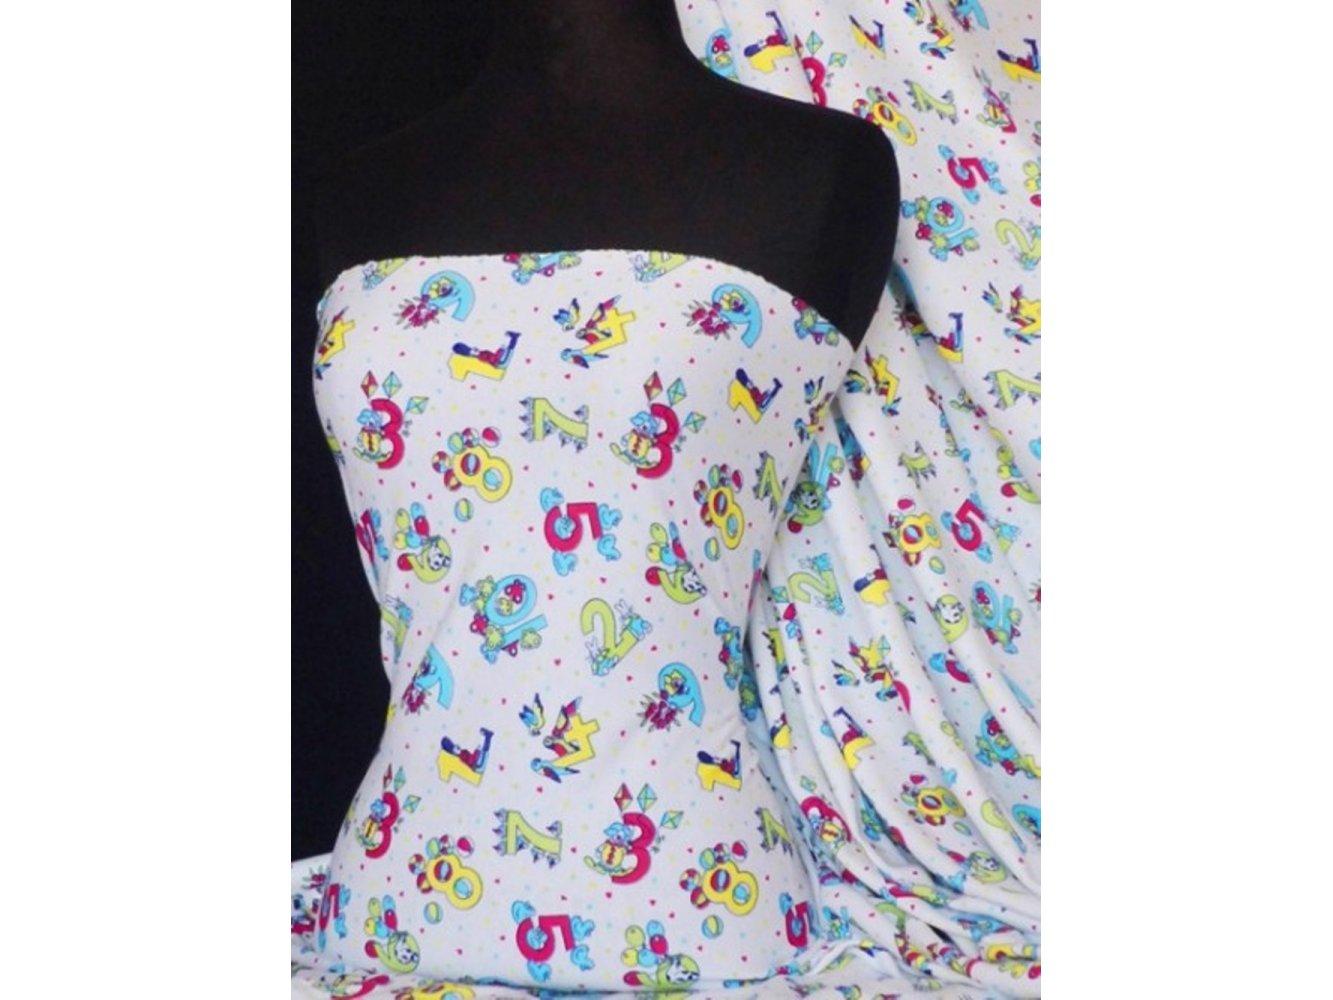 100 cotton interlock knit soft jersey t shirt fabric one